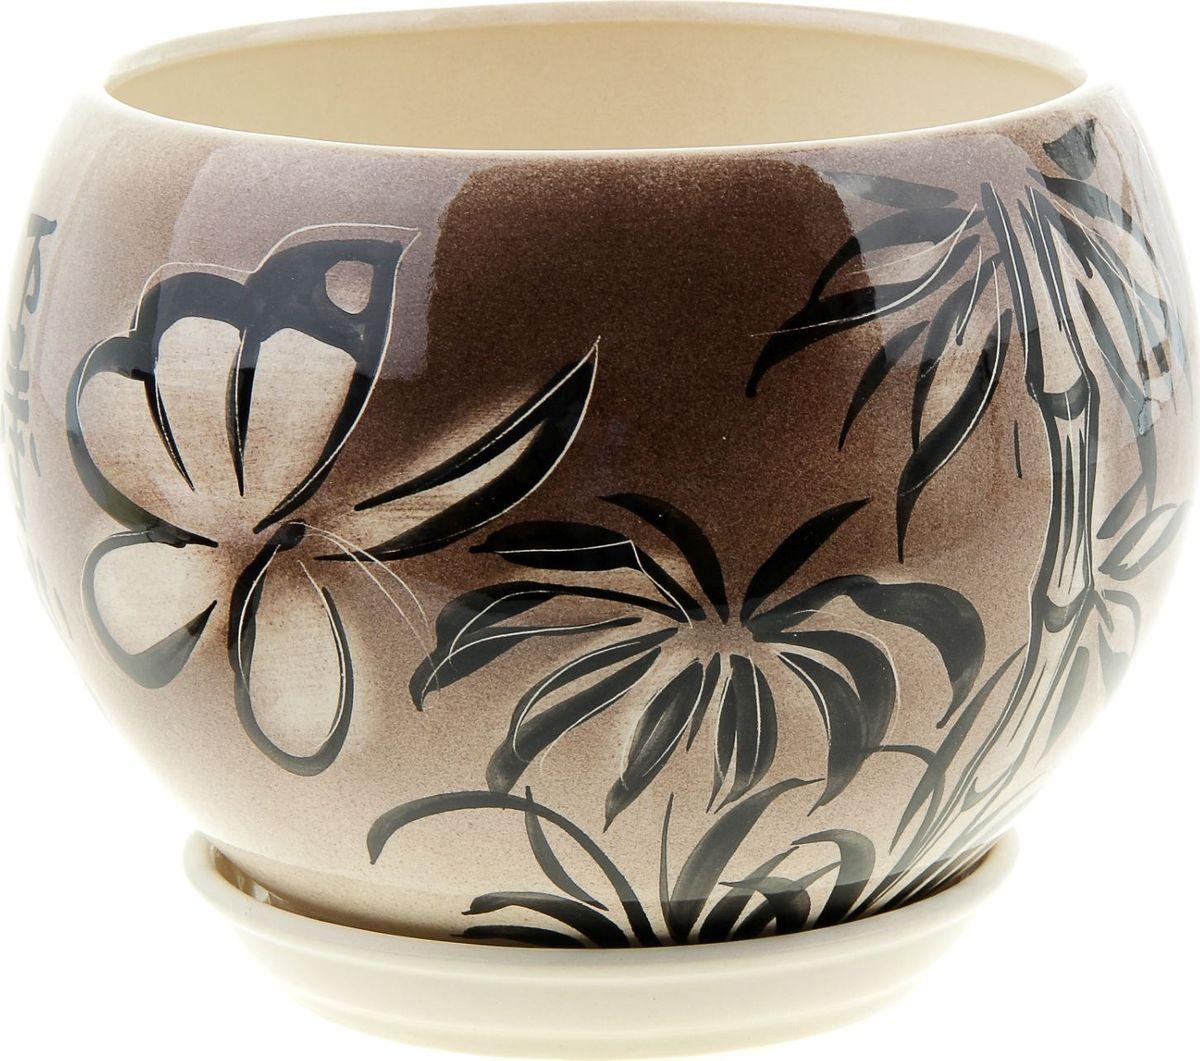 Кашпо Керамика ручной работы Шар. Мотылек, 4,1 л835646Комнатные растения - всеобщие любимцы. Они радуют глаз, насыщают помещение кислородом и украшают пространство. Каждому из них необходим свой удобный и красивый дом. Кашпо из керамики прекрасно подходят для высадки растений:- пористый материал позволяет испаряться лишней влаге;- воздух, необходимый для дыхания корней, проникает сквозь керамические стенки. Кашпо Шар. Мотылек позаботится о зеленом питомце, освежит интерьер и подчеркнет его стиль.